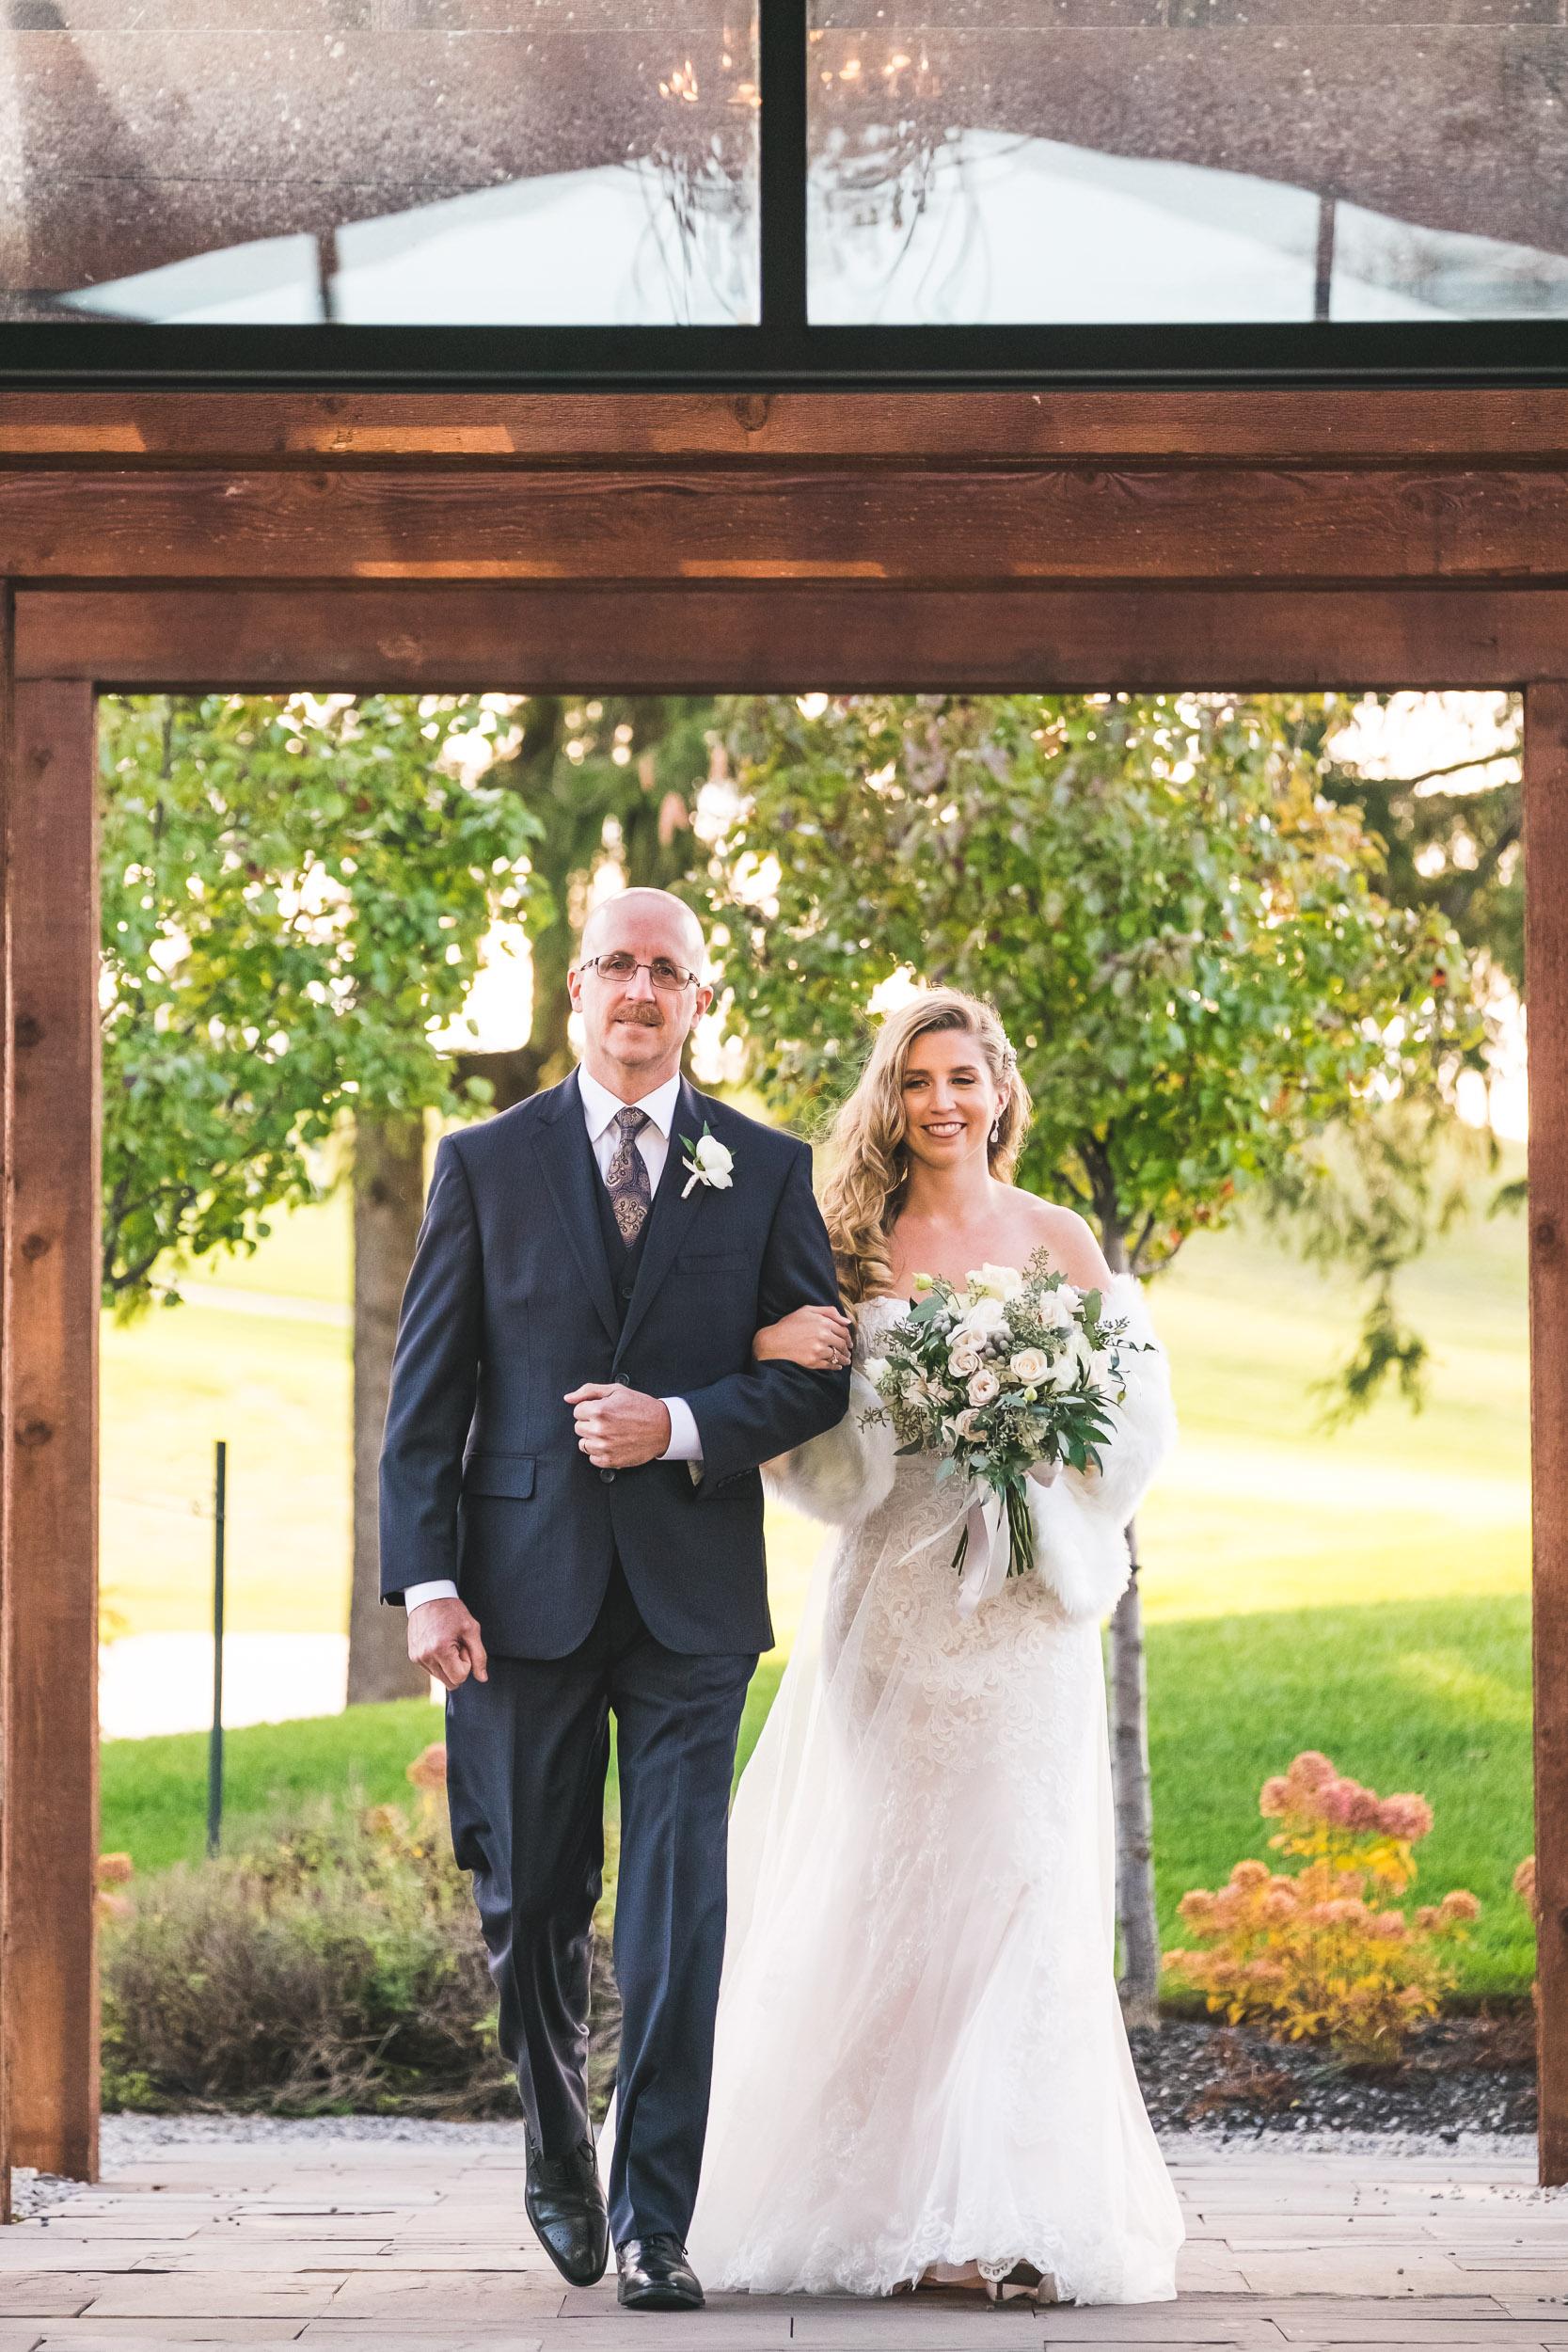 FumioWeddings - Real Weddings KJ-23.jpg